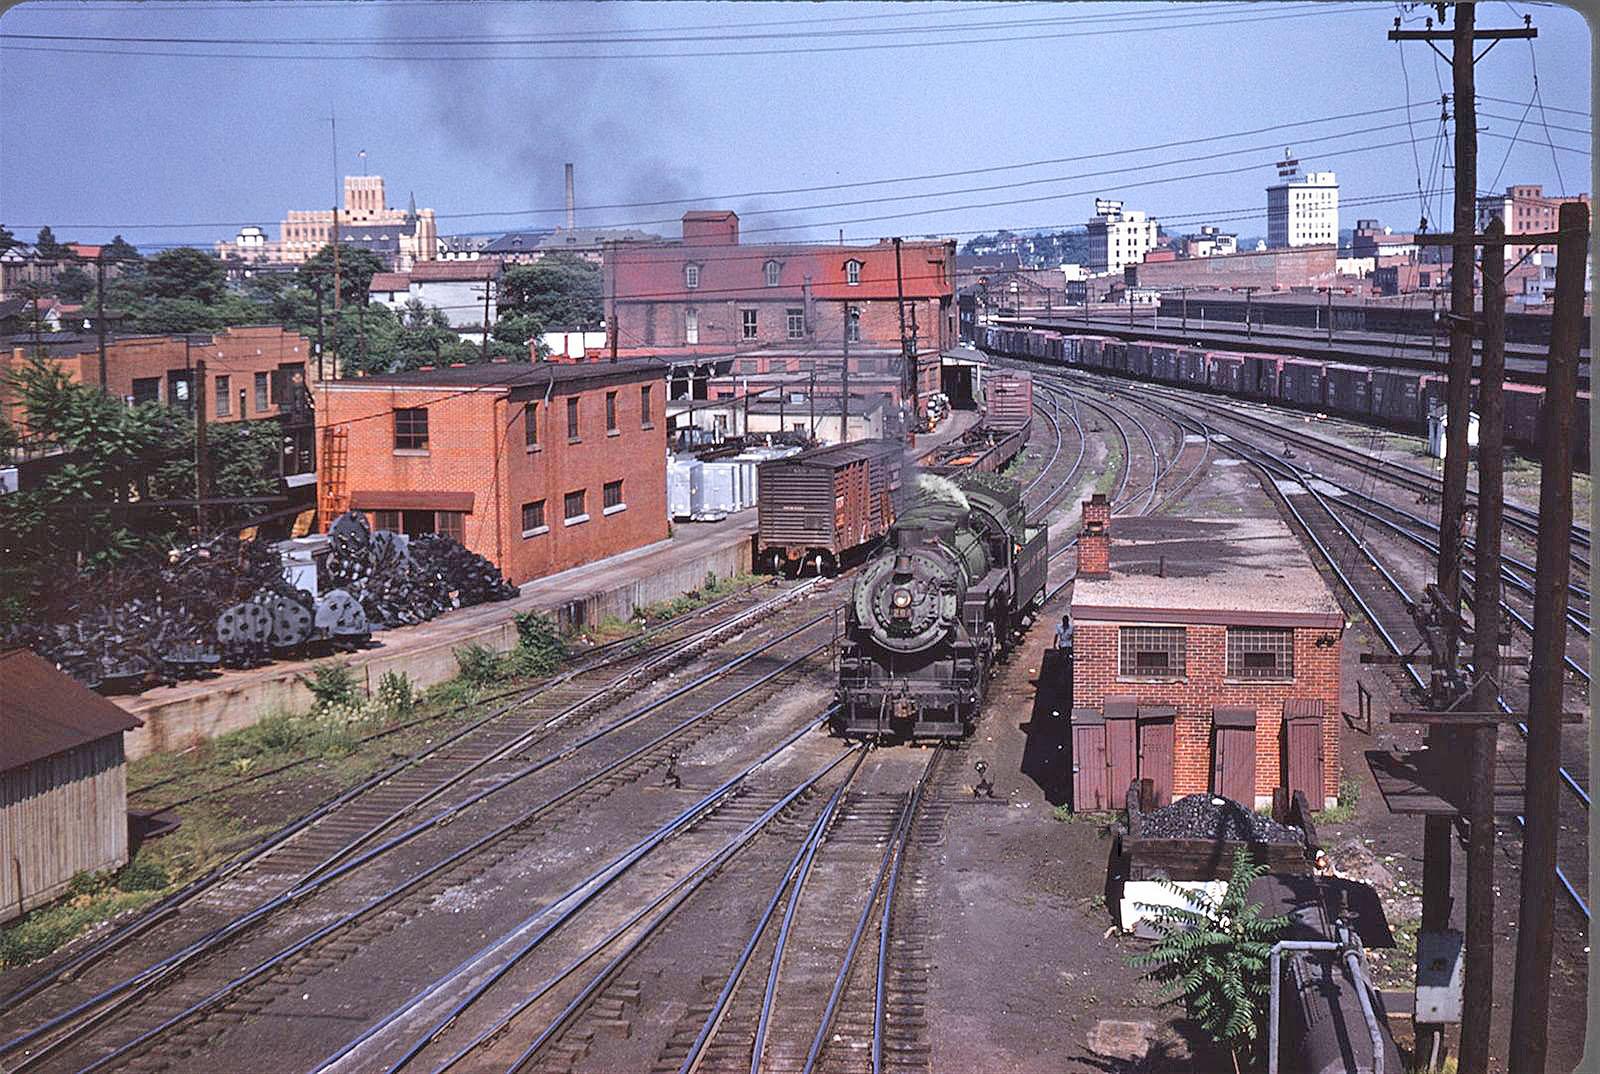 N&W_Class S-1_Park St Roanoke_1959_edited.jpg